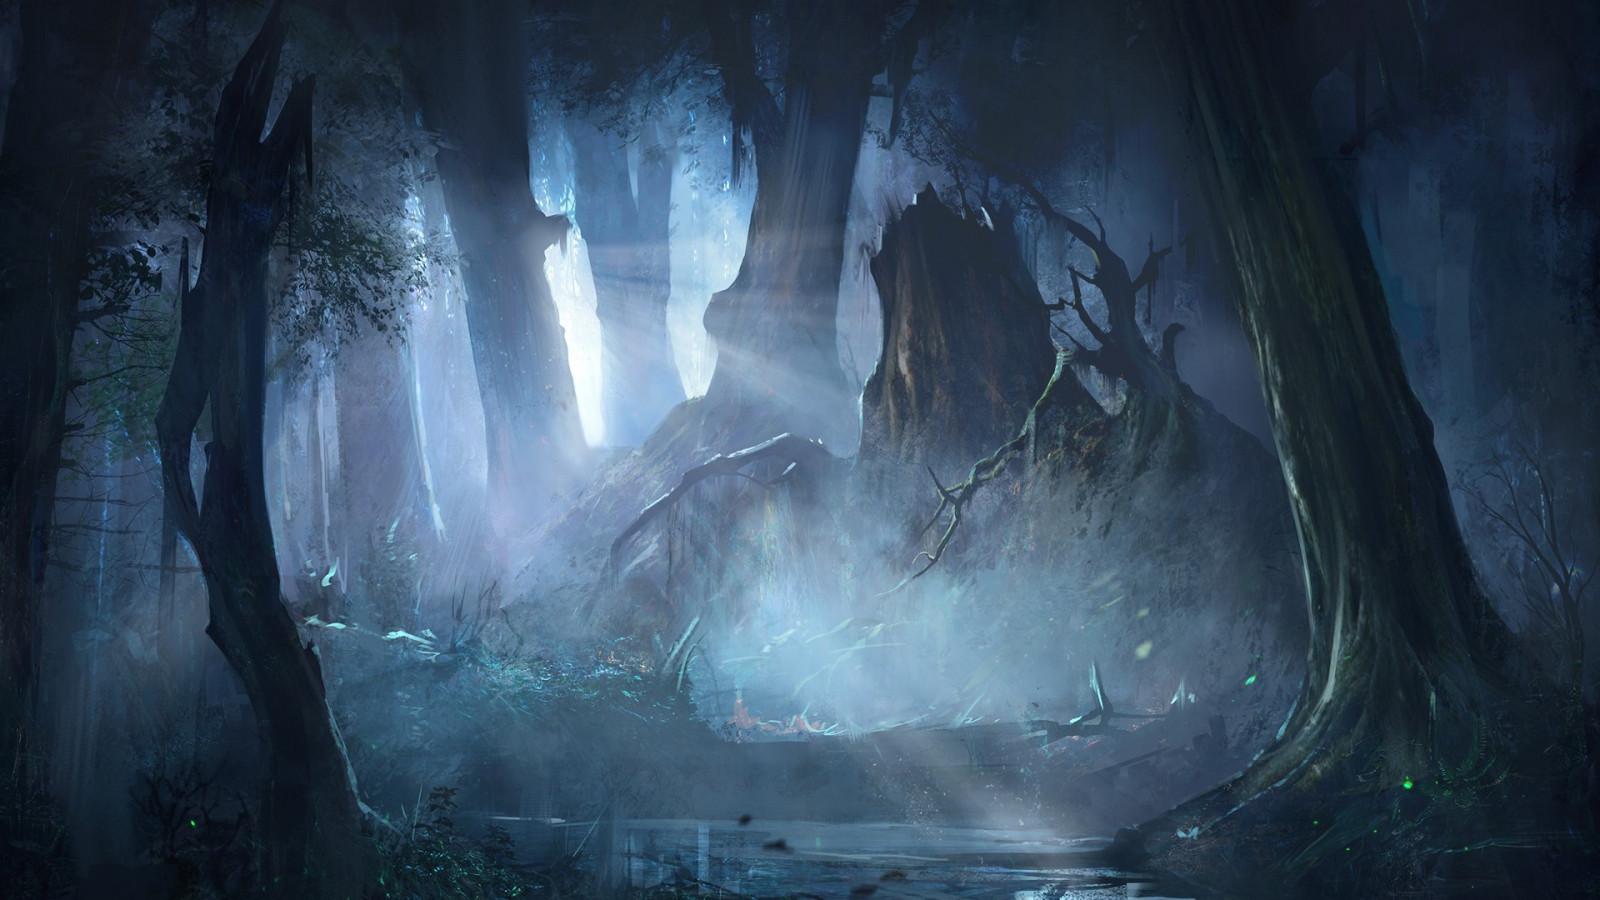 Fond d'écran : forêt, Art fantastique, ouvrages d'art, la glace, la grotte, Formation, bateau ...